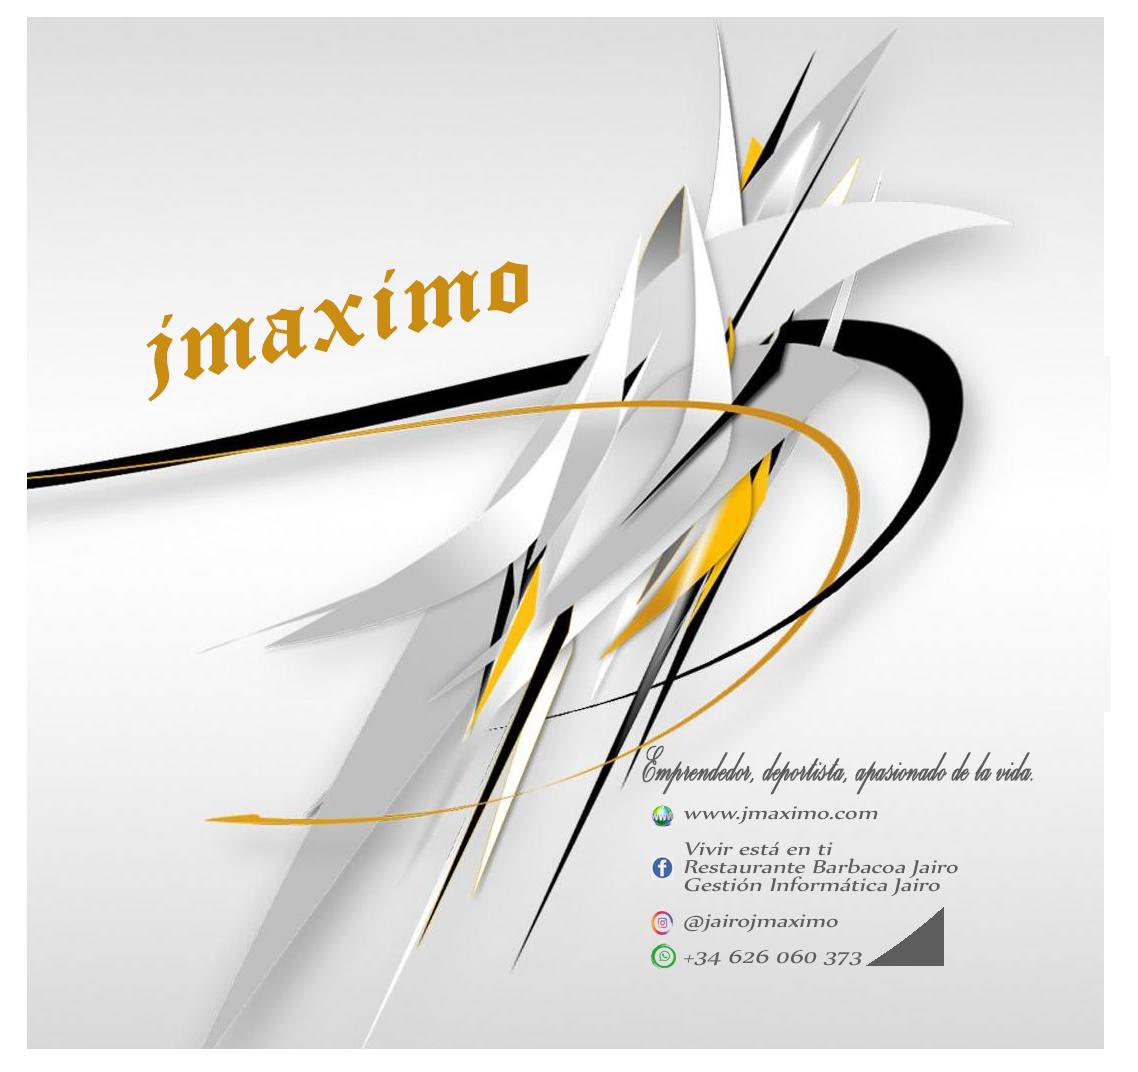 https://www.jmaximo.com/